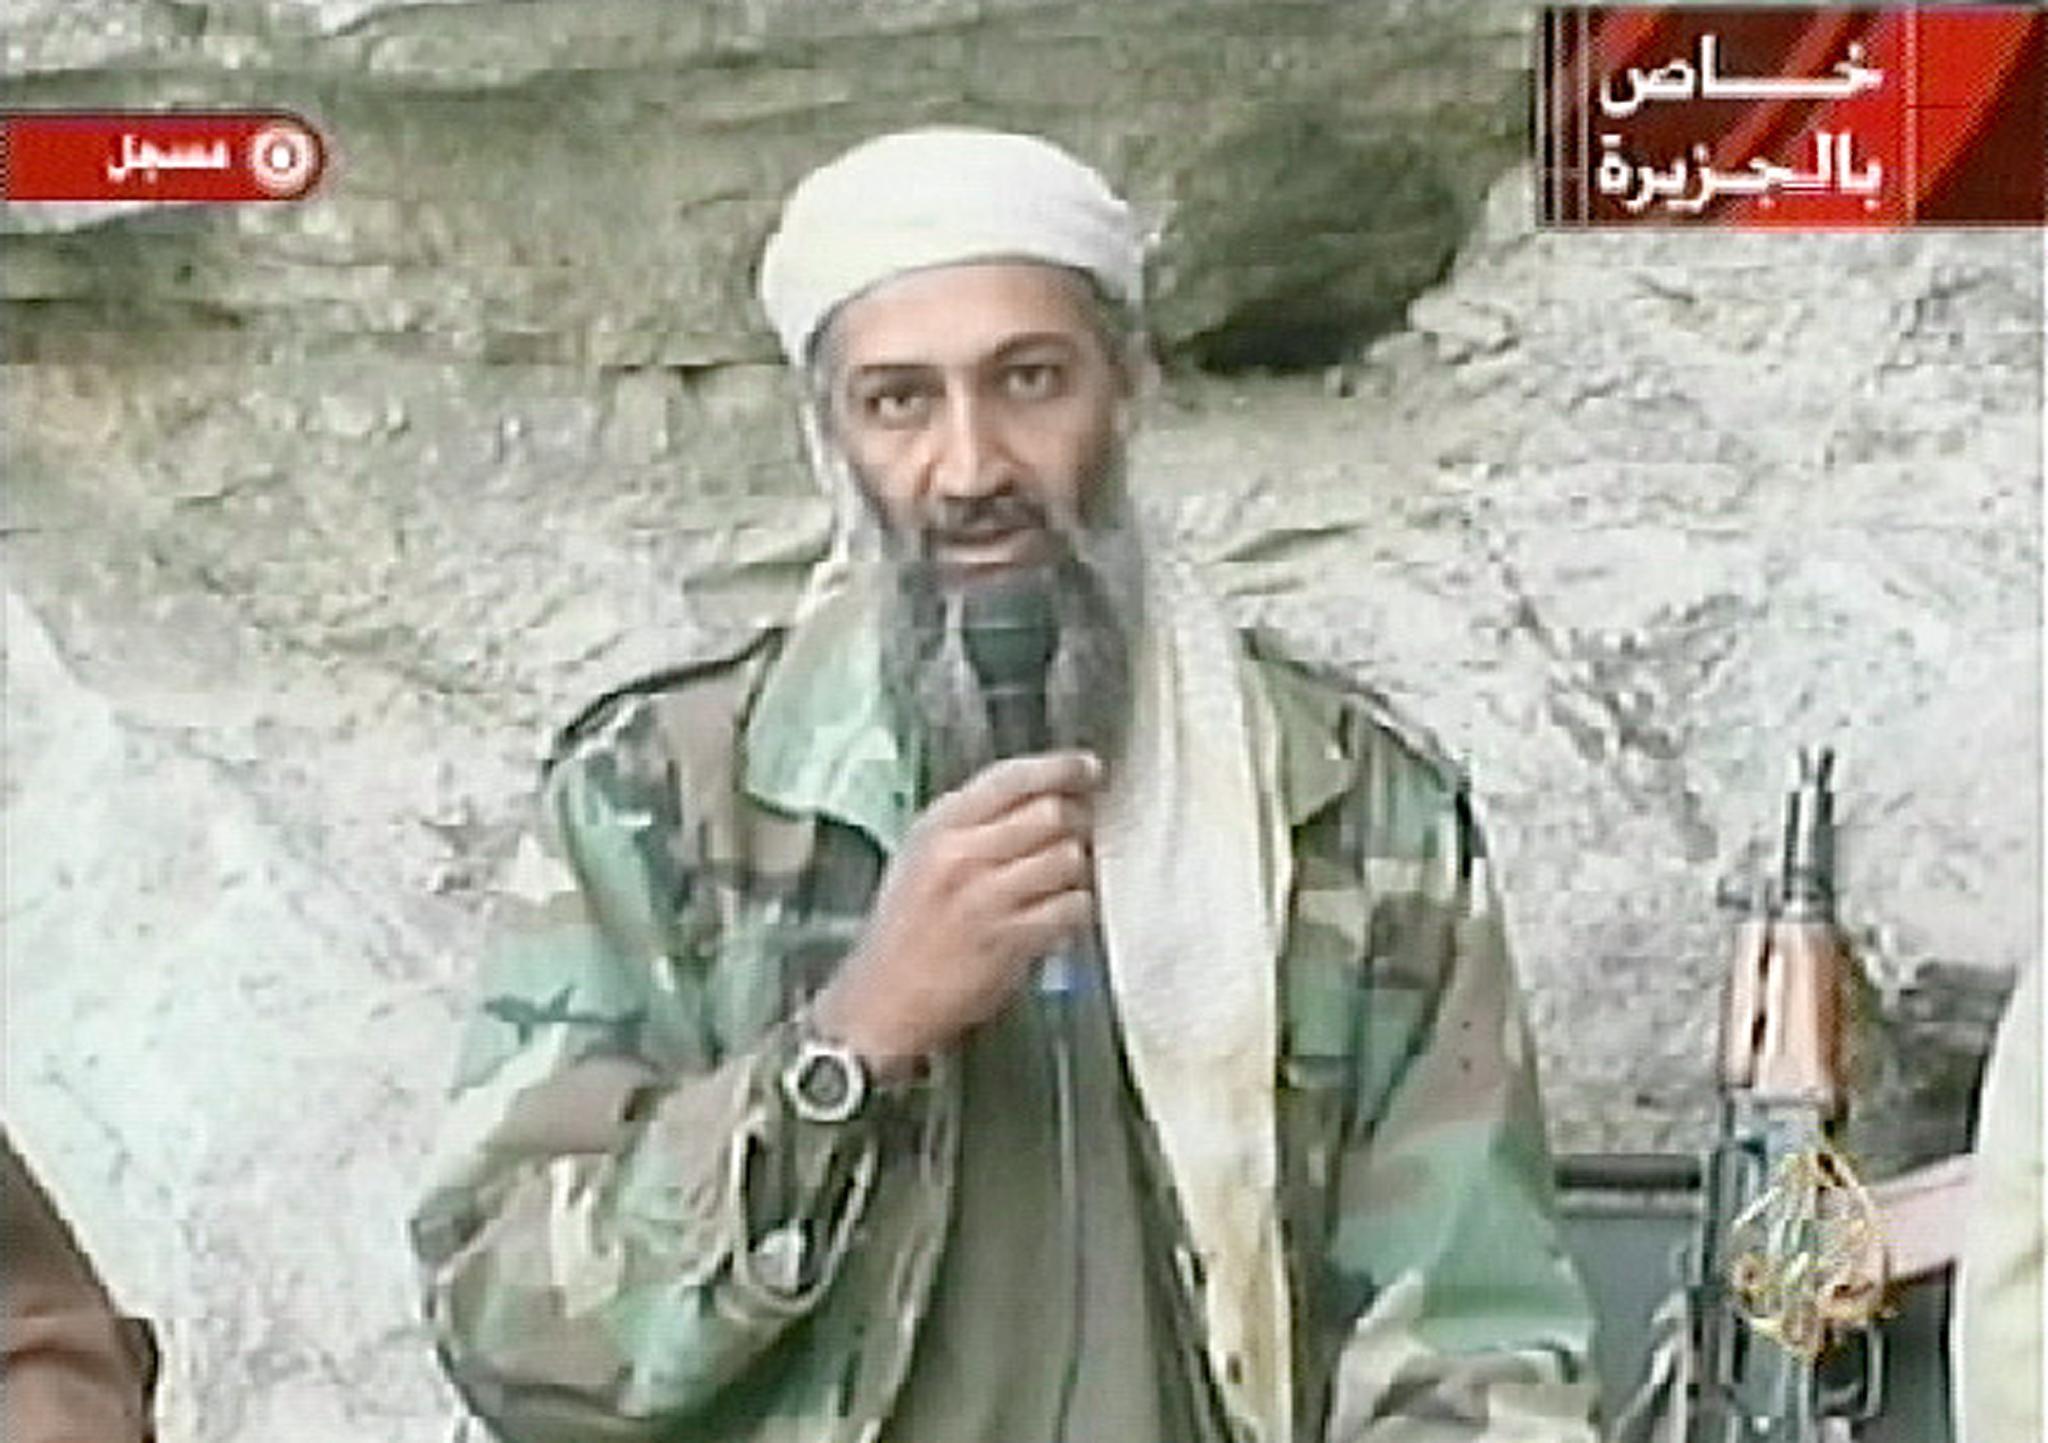 11_2_Bin_Laden